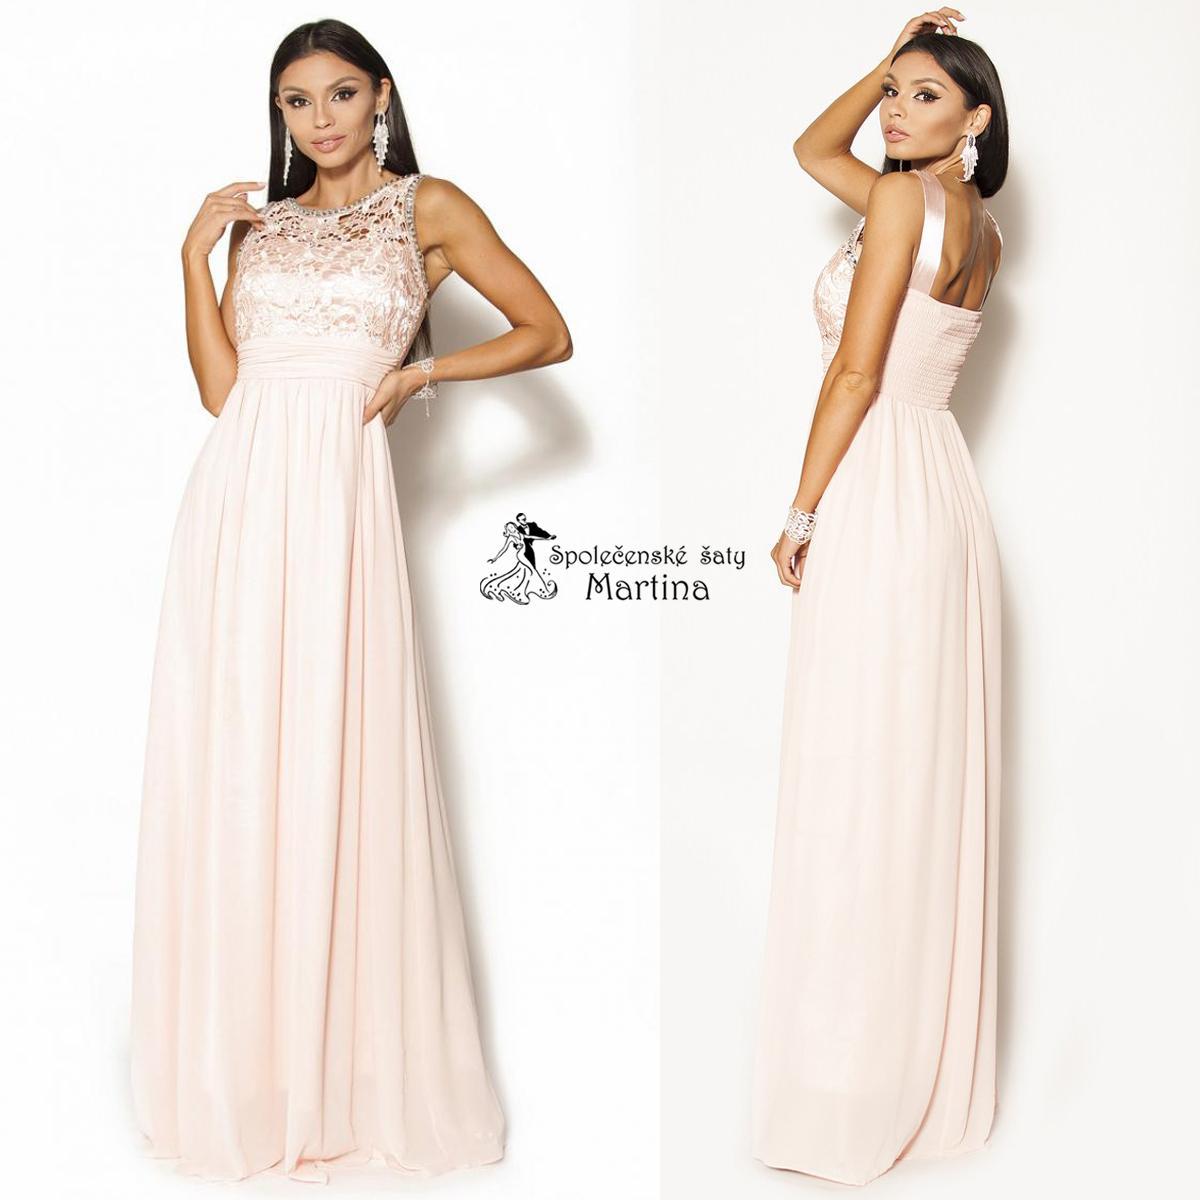 1e629b4b9487 Spoločenské-maturitné-plesové šaty